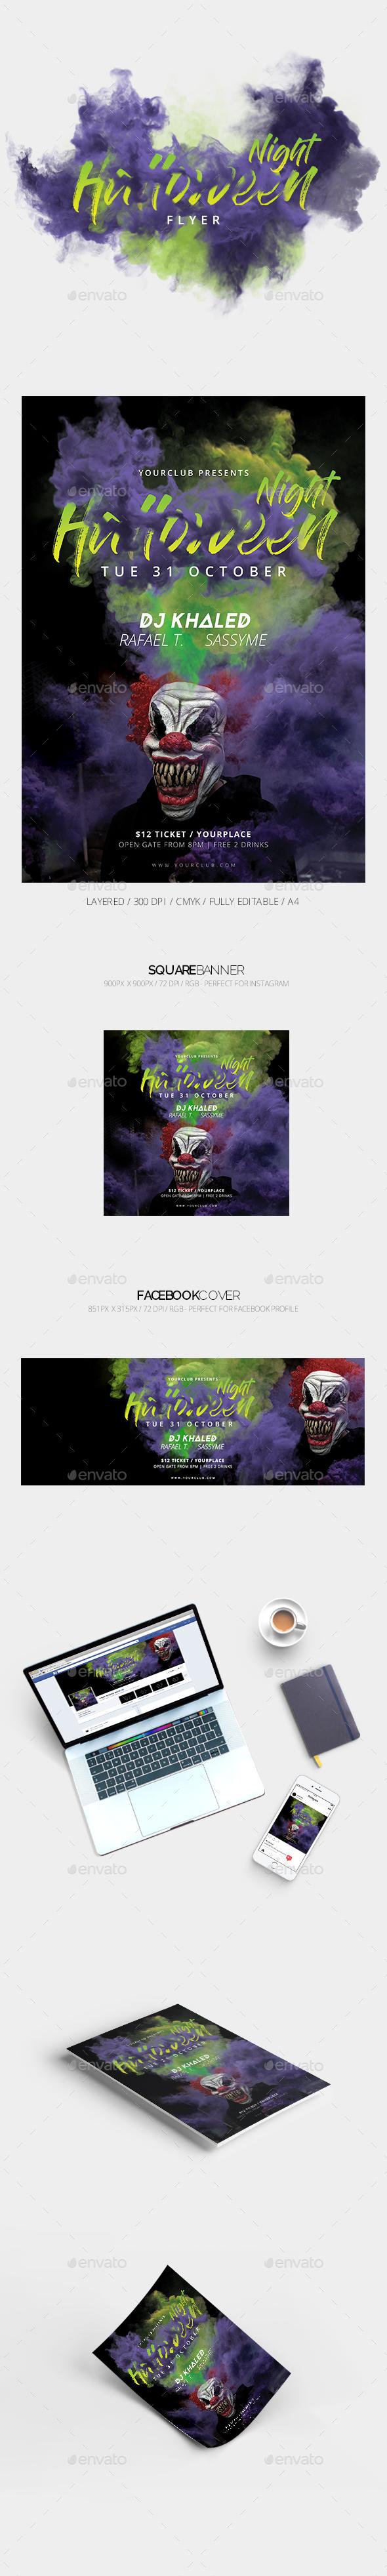 Halloweenn Party Flyer - Events Flyers